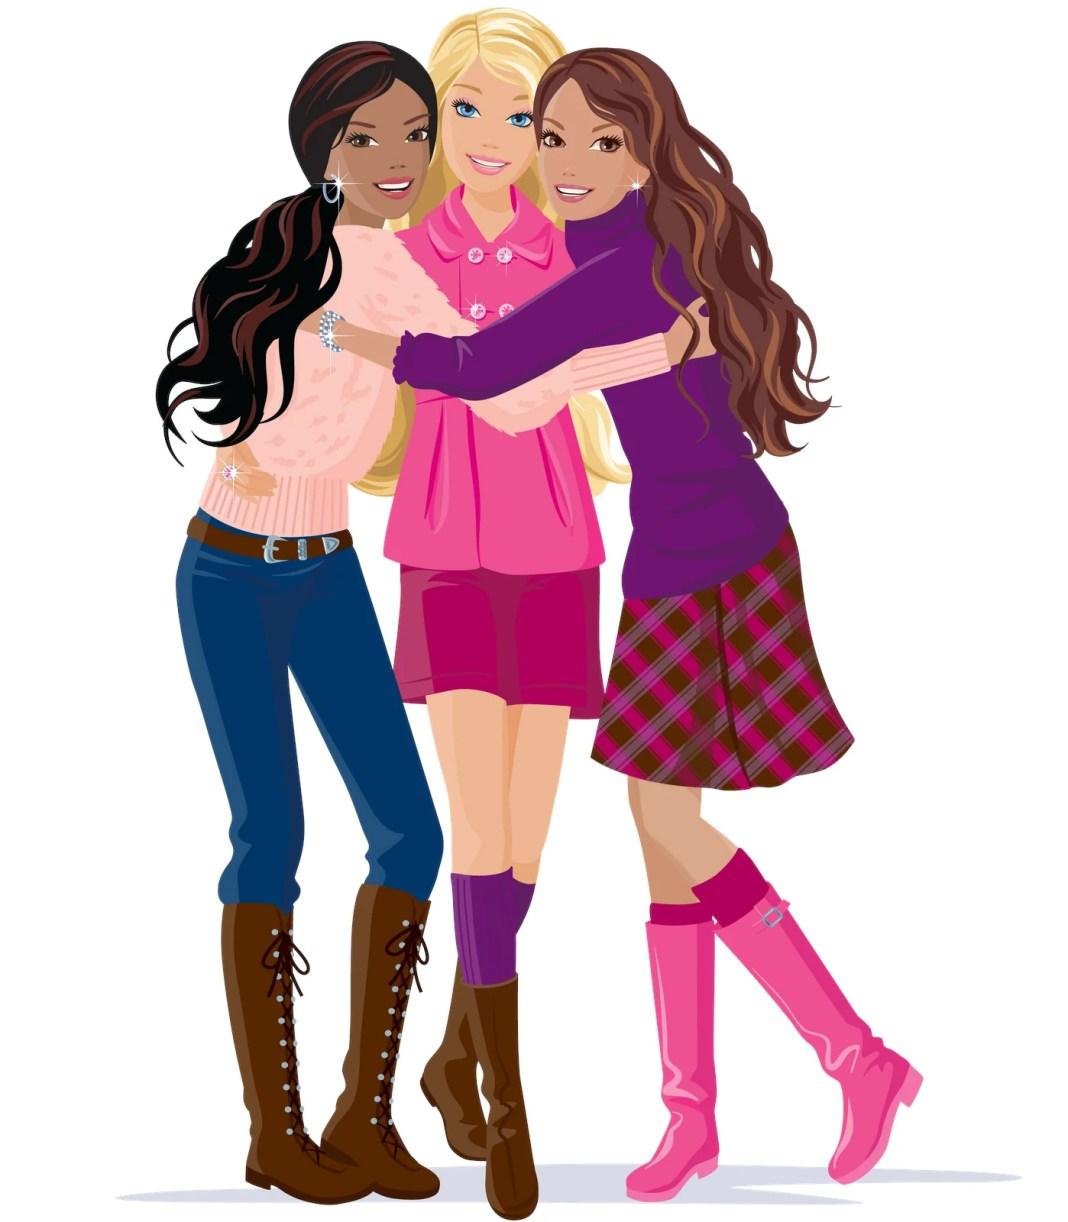 Desenhos coloridos da Barbie e amigas, com roupas elegantes